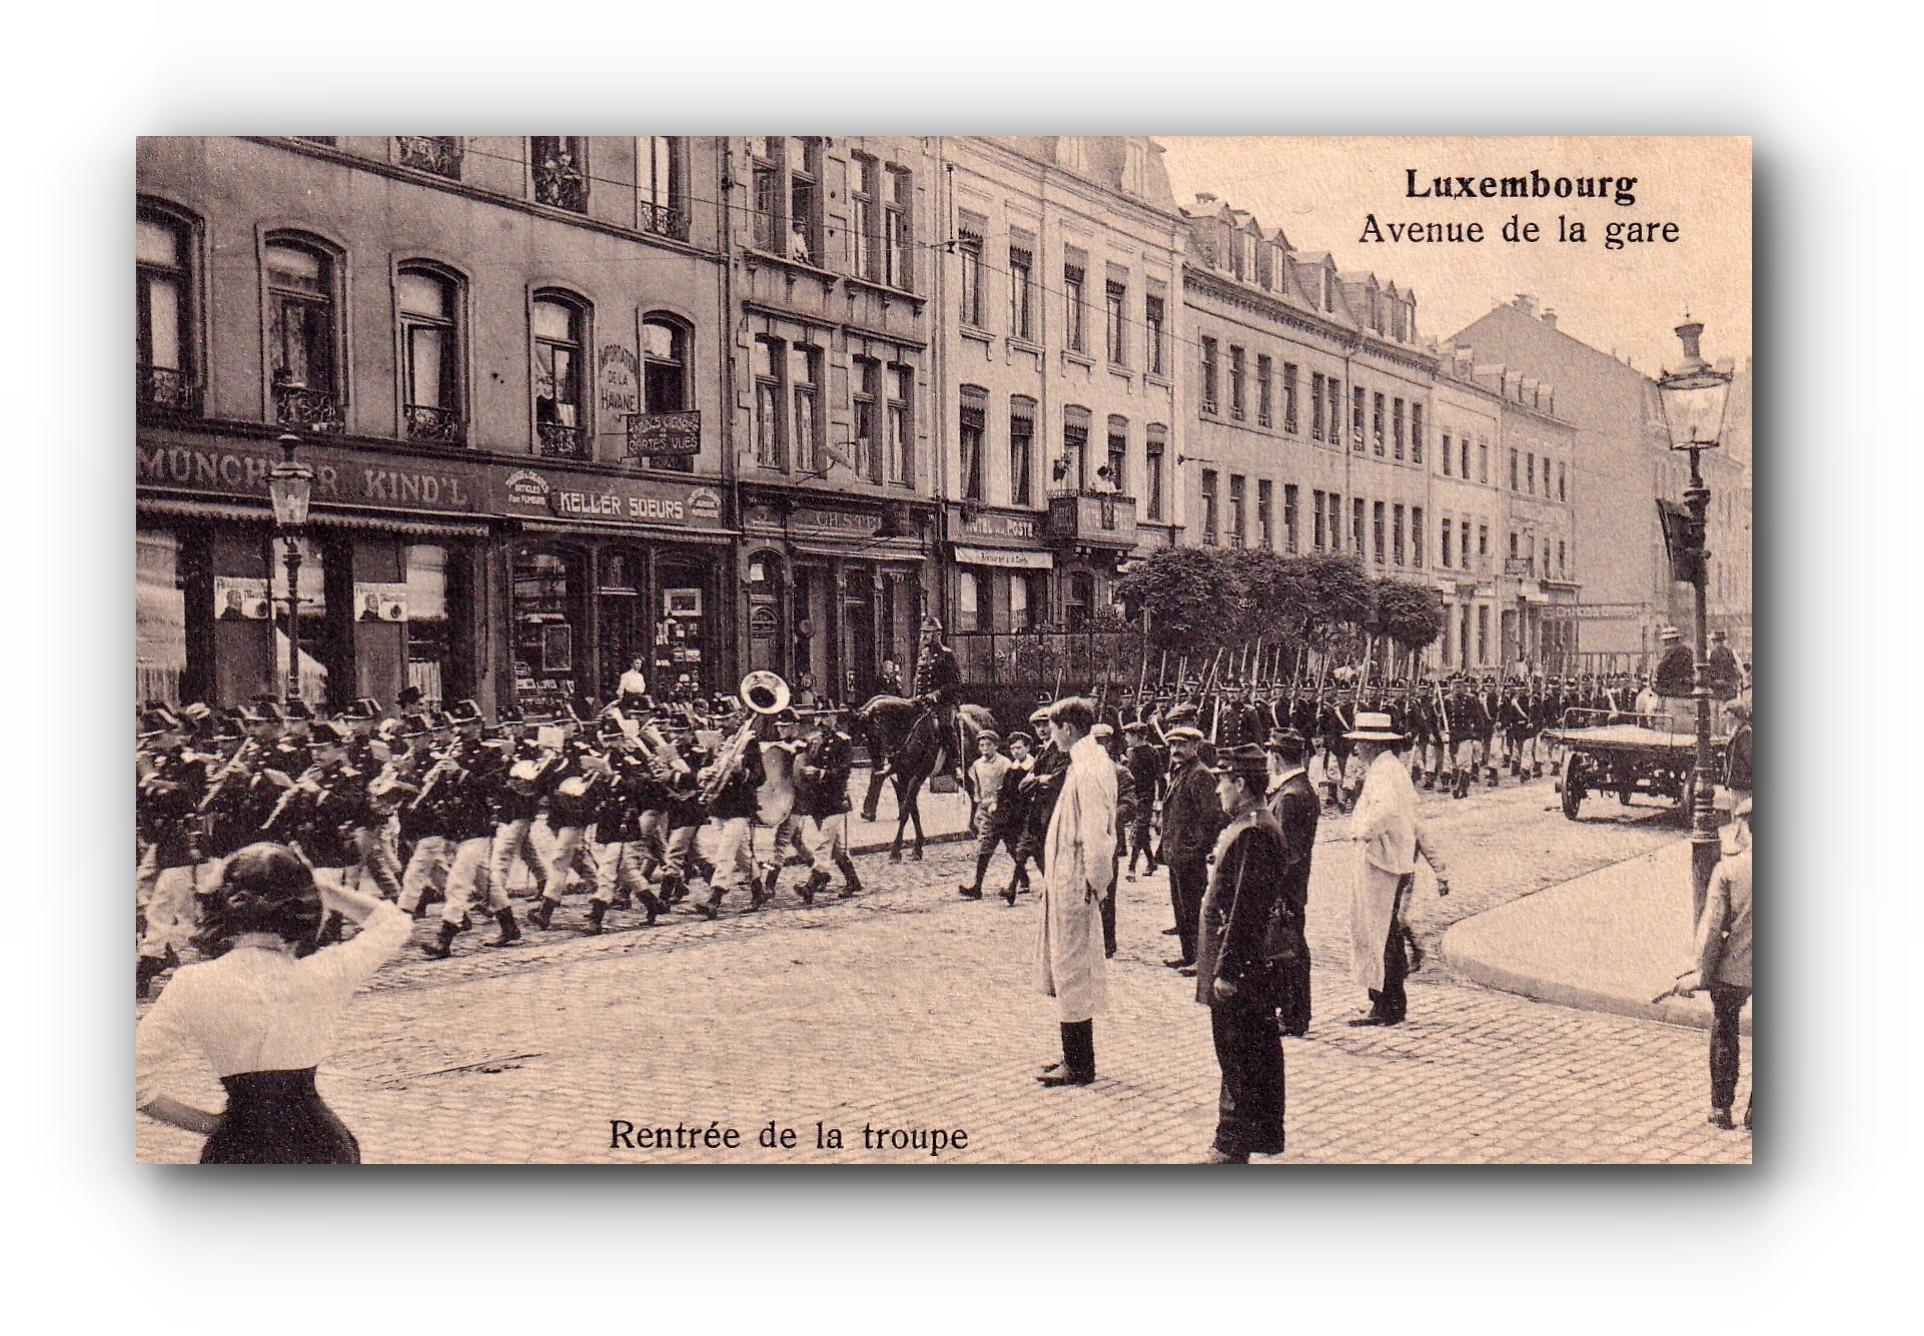 LUXEMBOURG - Rentrée de la troupe -  12.10.1911 - Die Rückkehr der Truppe - Return of the troop